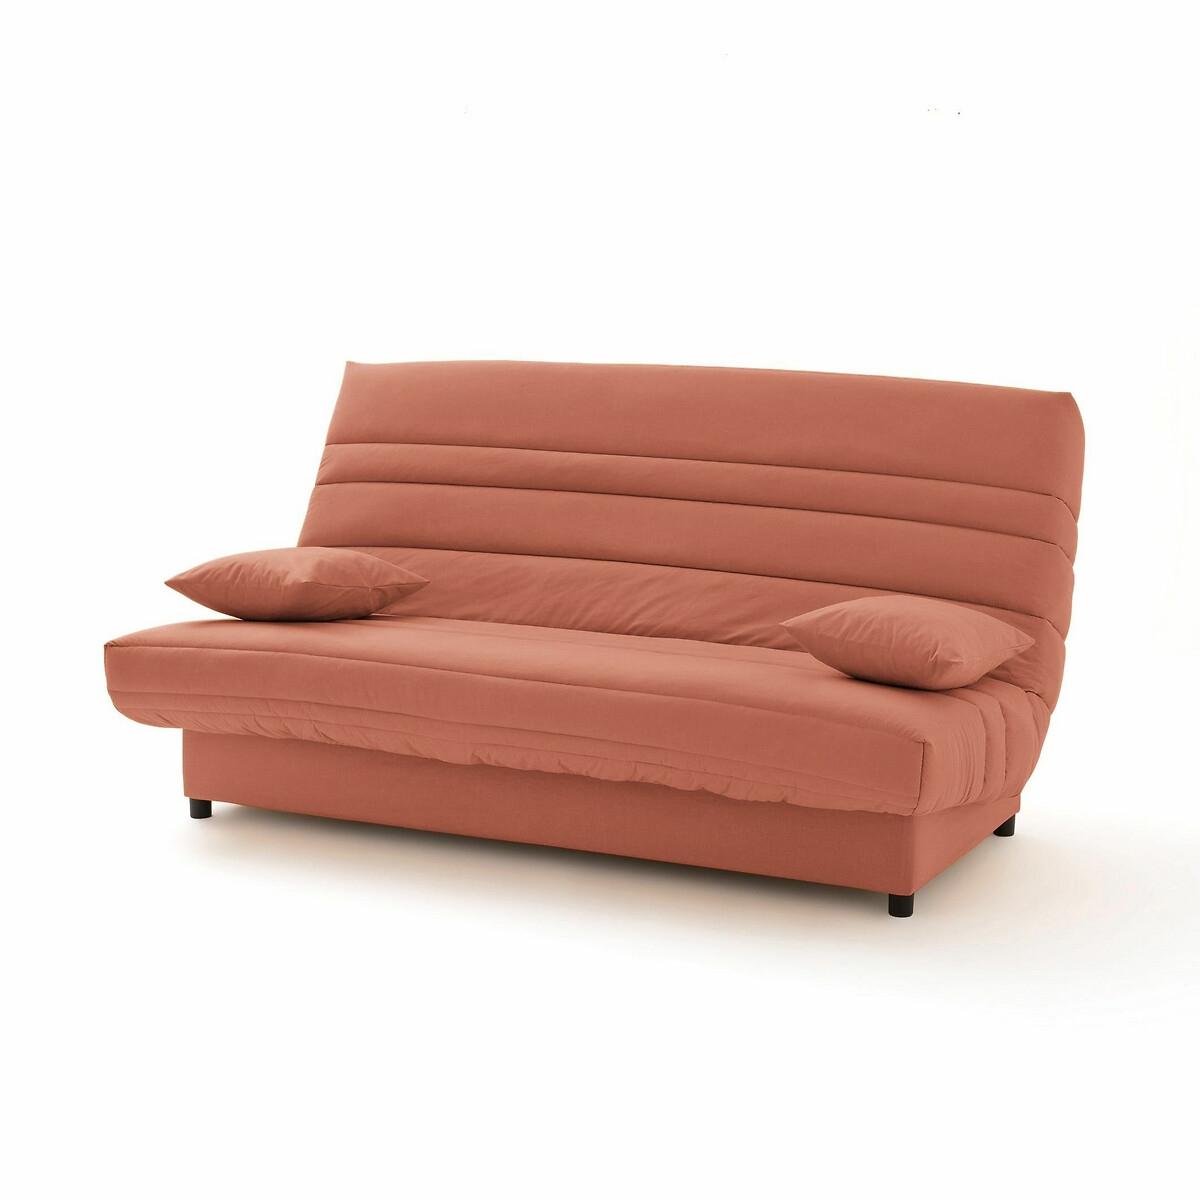 Чехол LaRedoute Натяжной для дивана-книжки и складной тумбы усовершенствованная модель 140 x 190 см зеленый